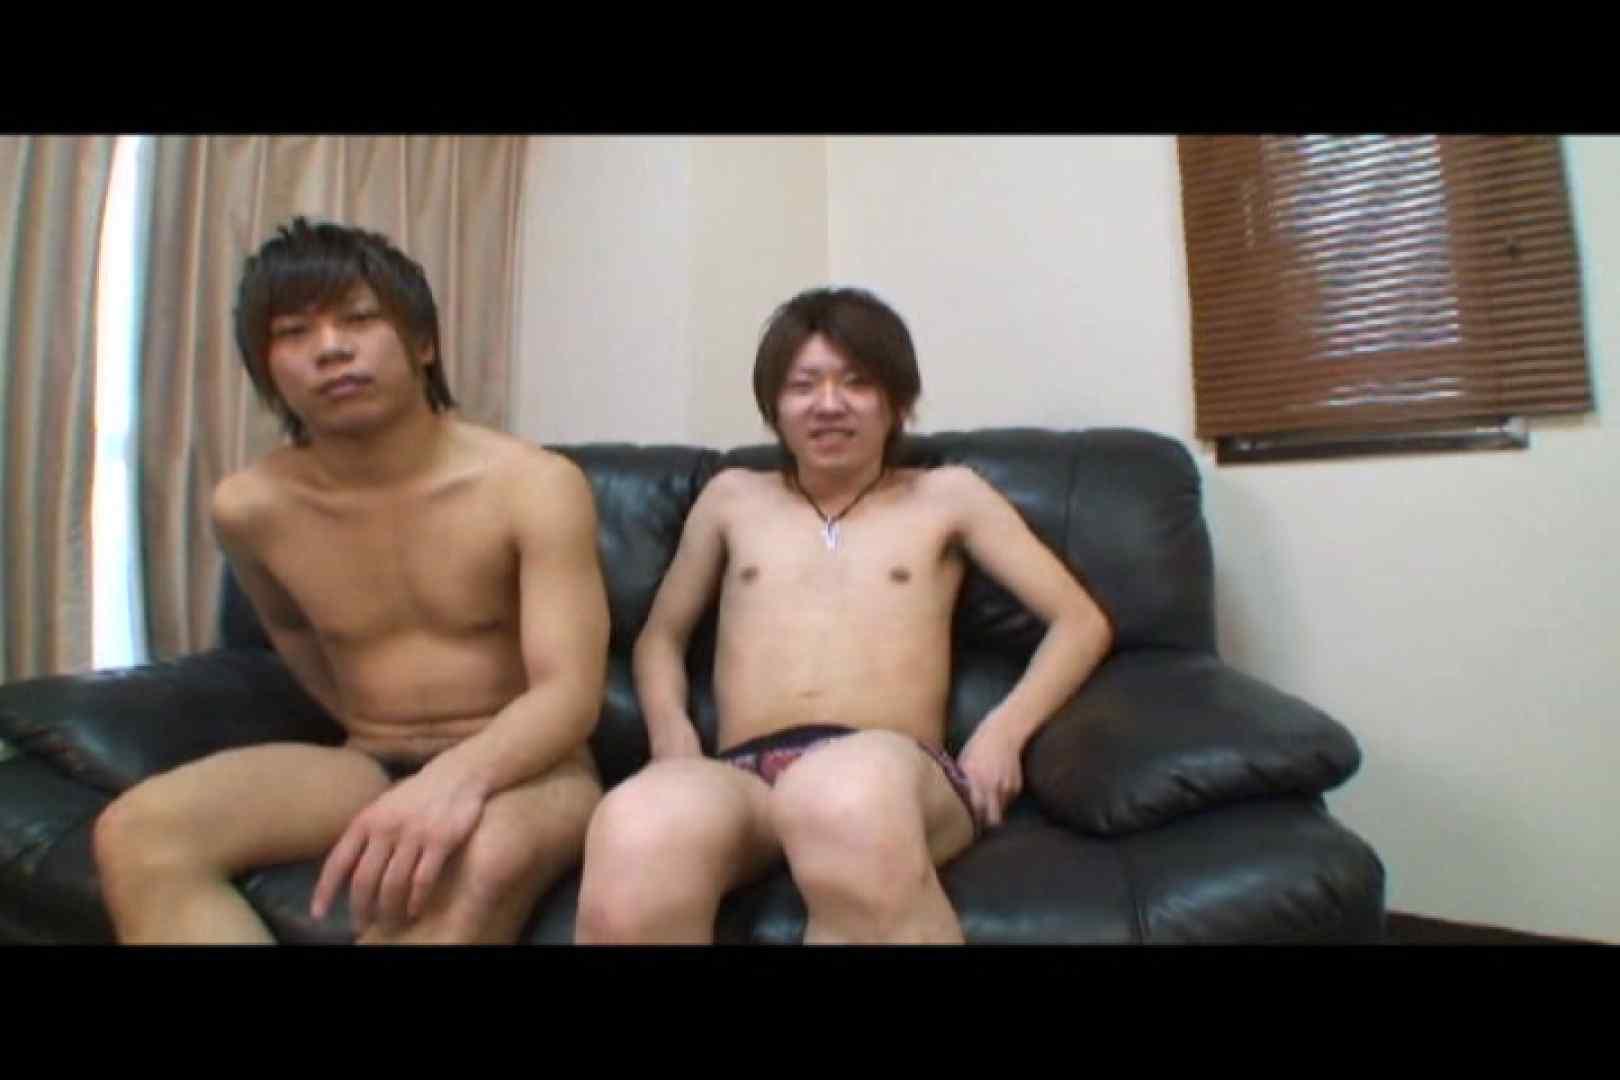 コンビネーションBoys!vol.01 イケメン ケツマンスケベ画像 75枚 70